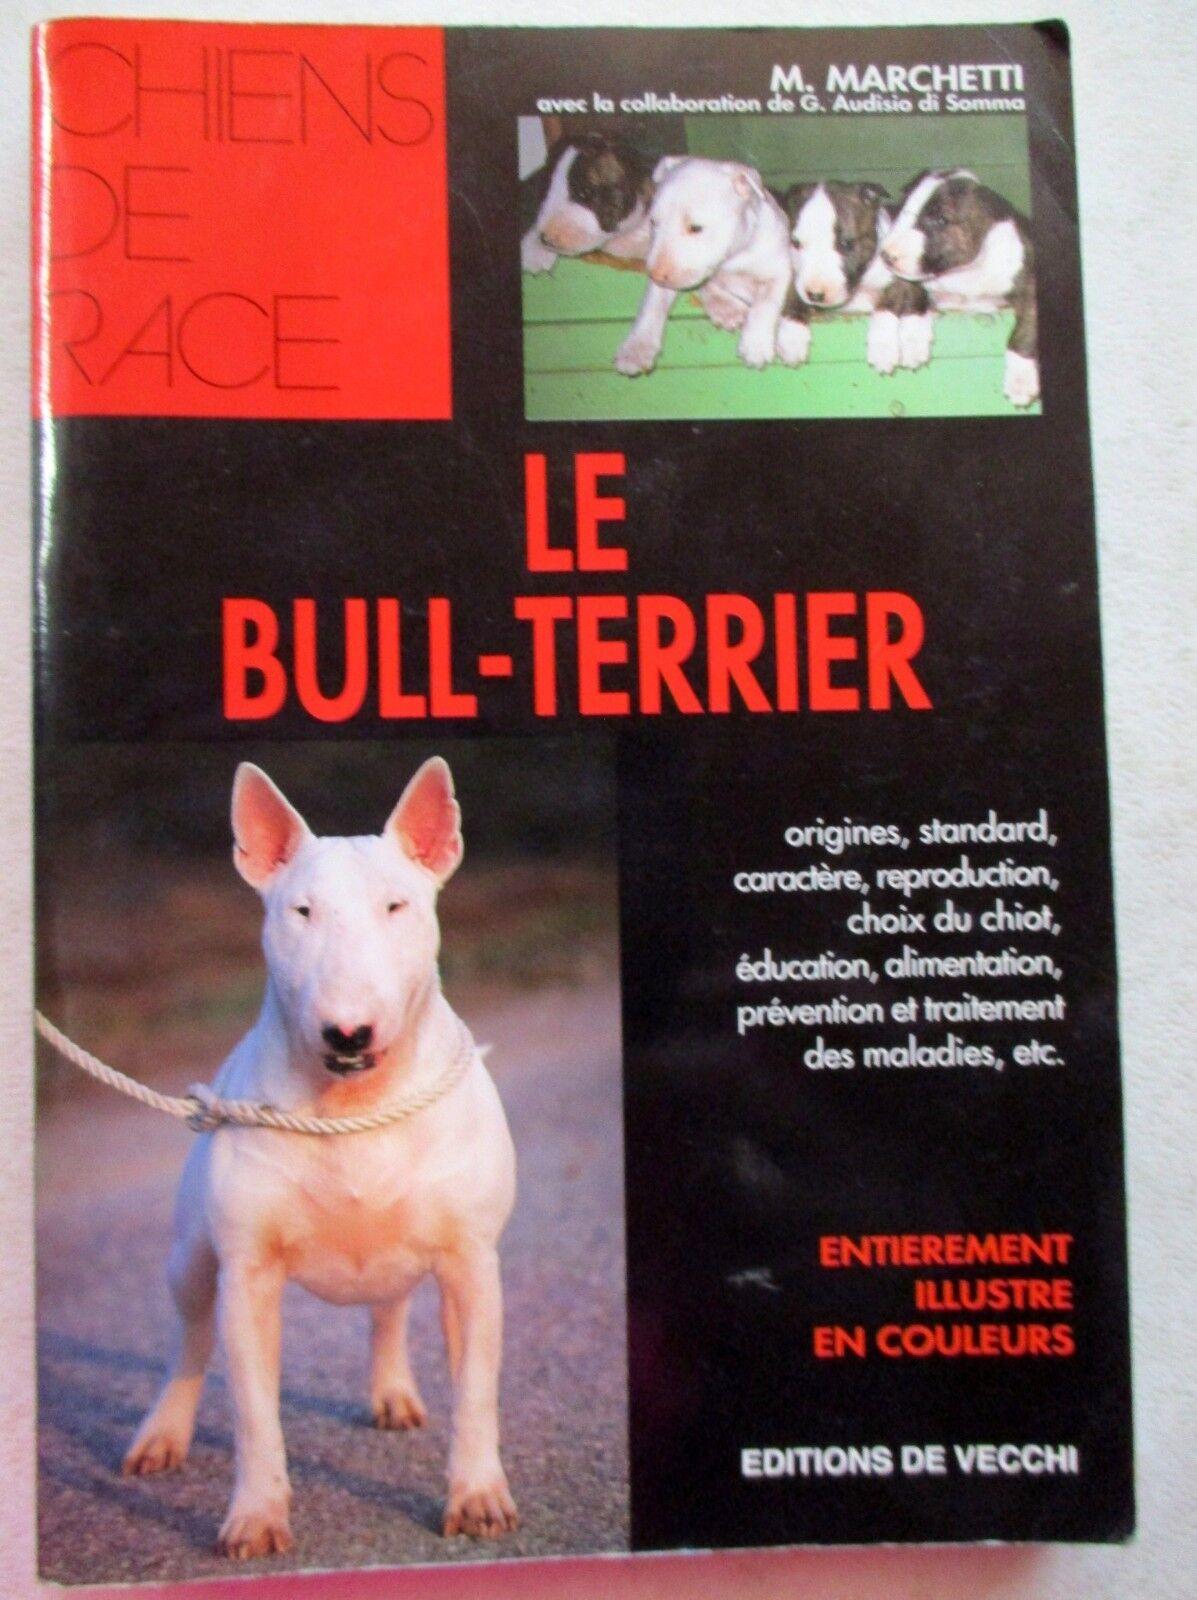 Le bull terrier tout savoir sur le bull-terrier /b22